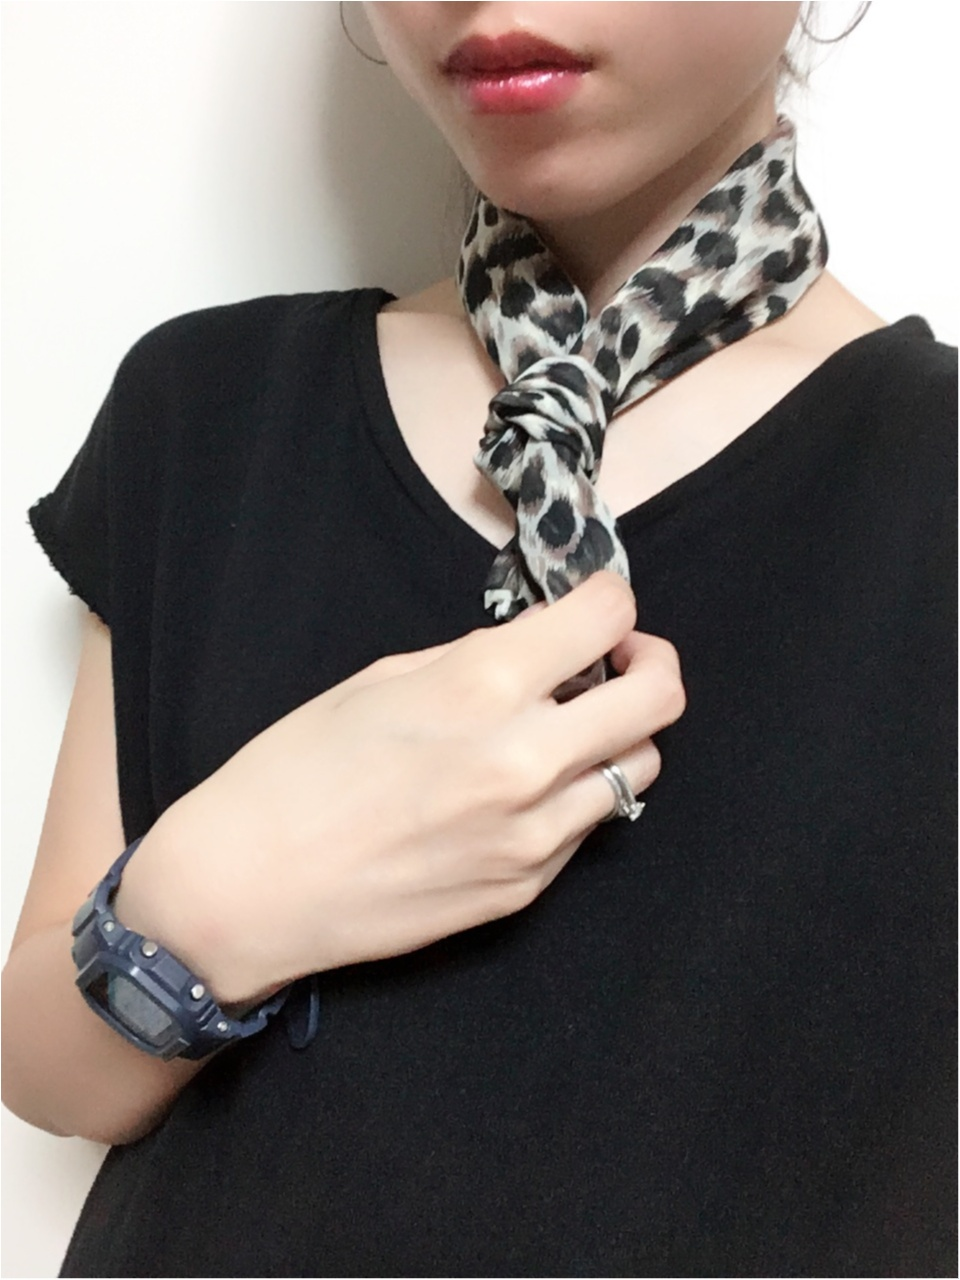 2018AWも取り入れたい【レオパード柄】小物アイテムとしてスカーフを♡_3